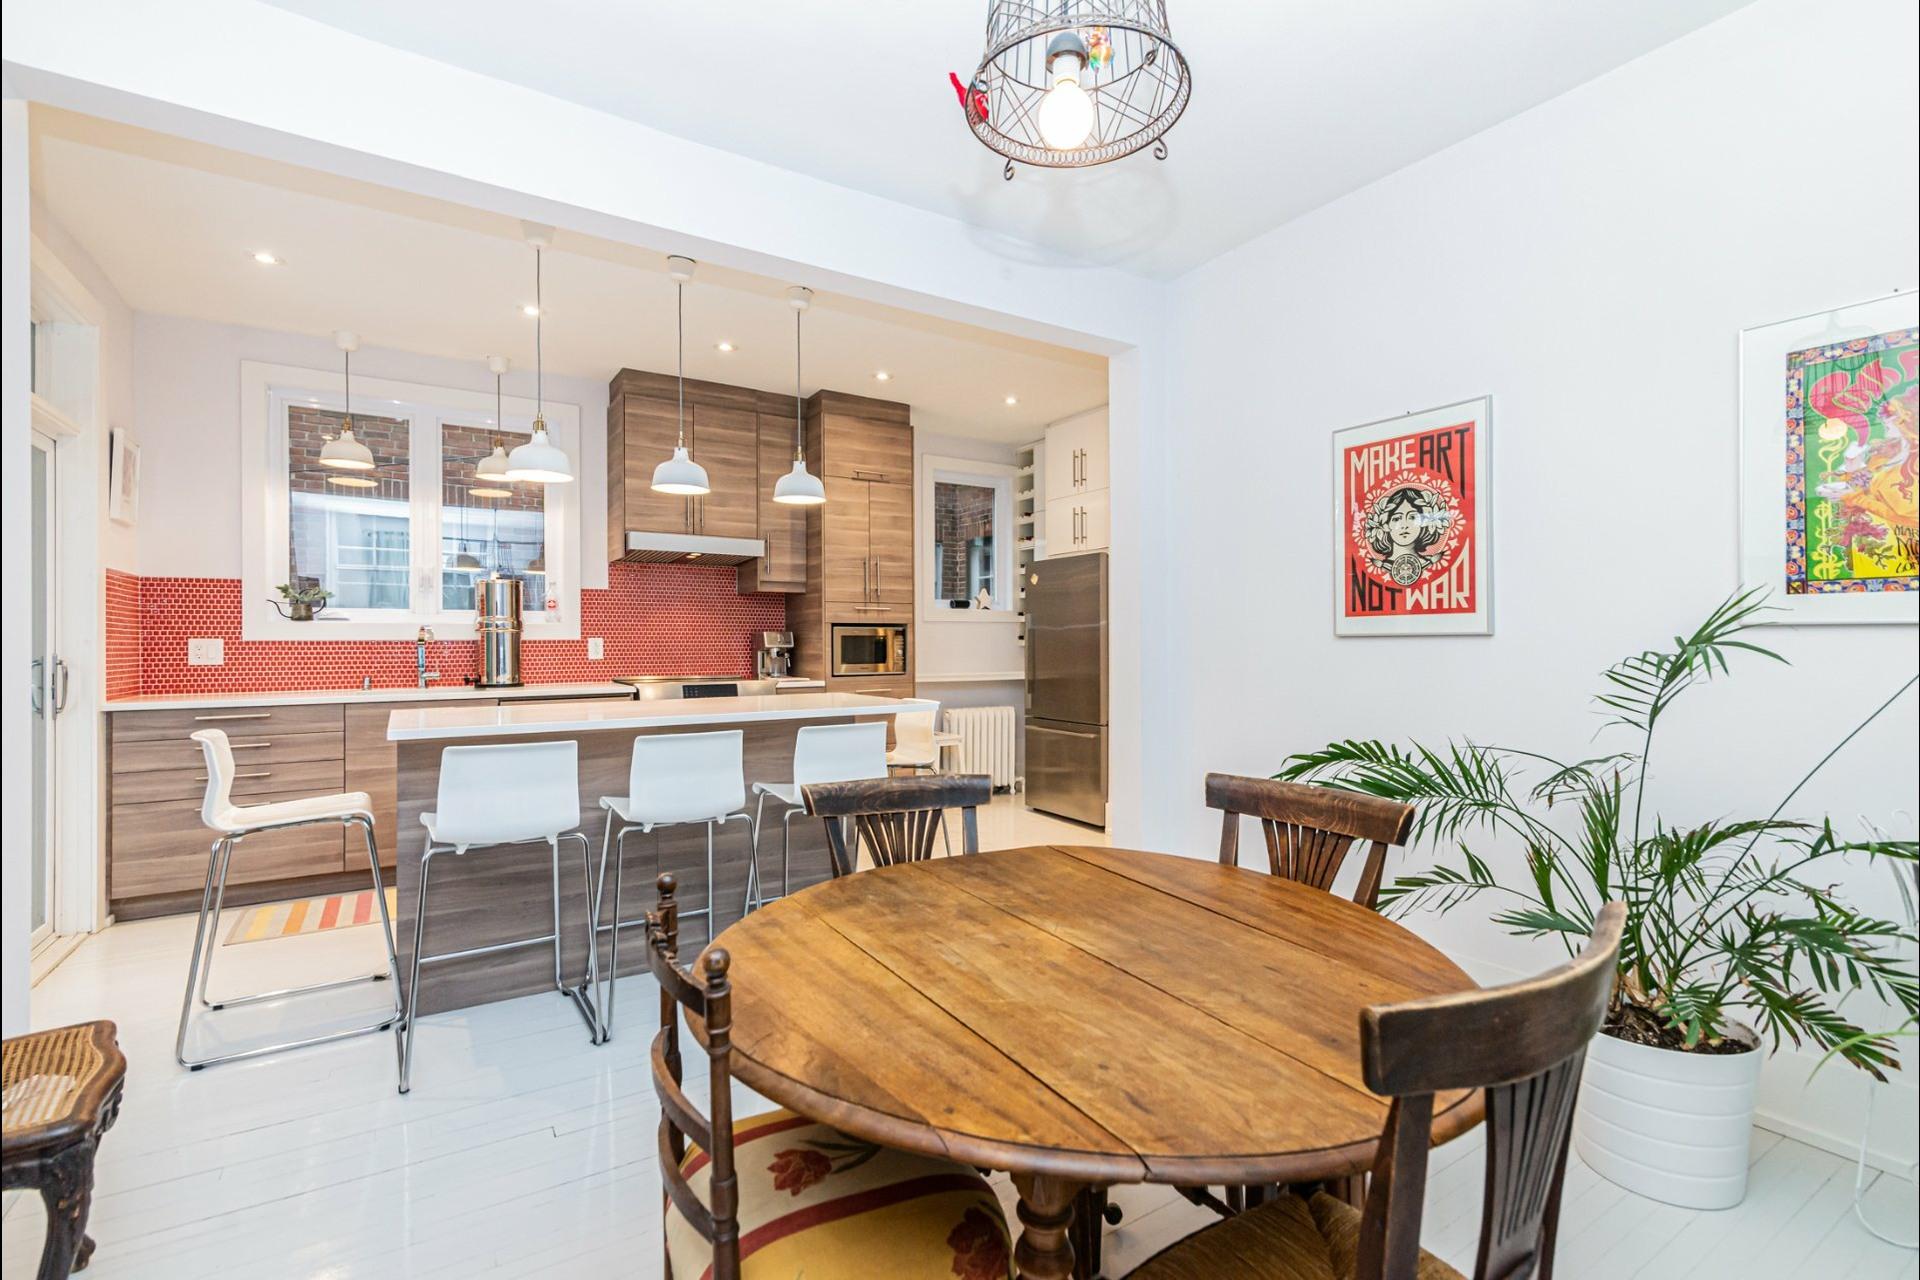 image 11 - Apartment For sale Côte-des-Neiges/Notre-Dame-de-Grâce Montréal  - 10 rooms